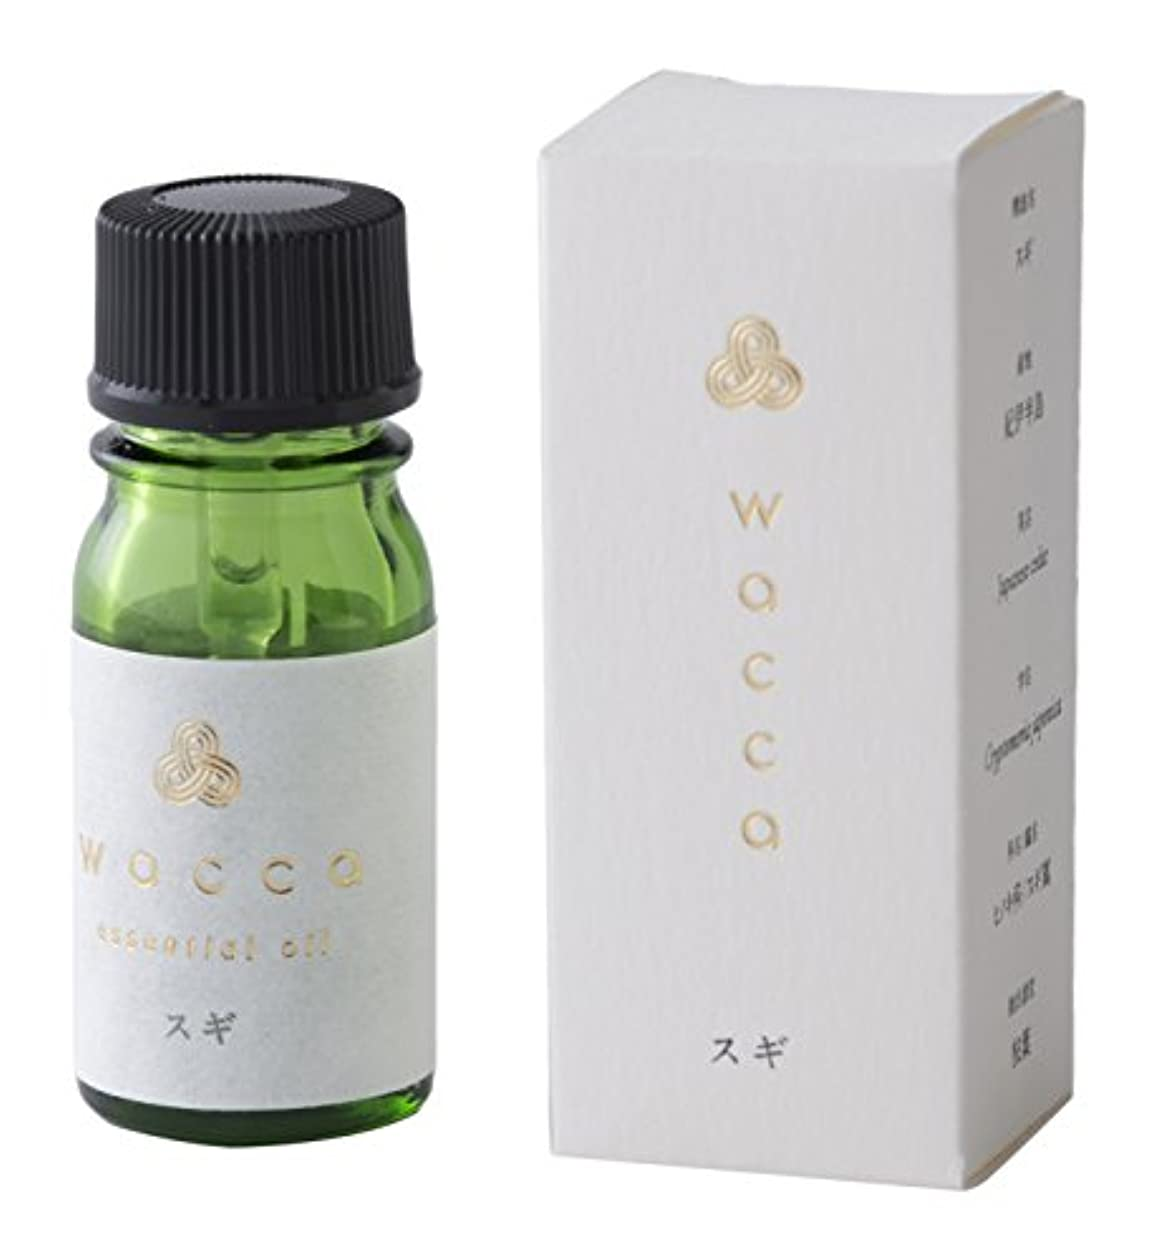 矛盾する転用出発wacca ワッカ エッセンシャルオイル 5ml 杉 スギ Japanese cedar essential oil 和精油 KUSU HANDMADE